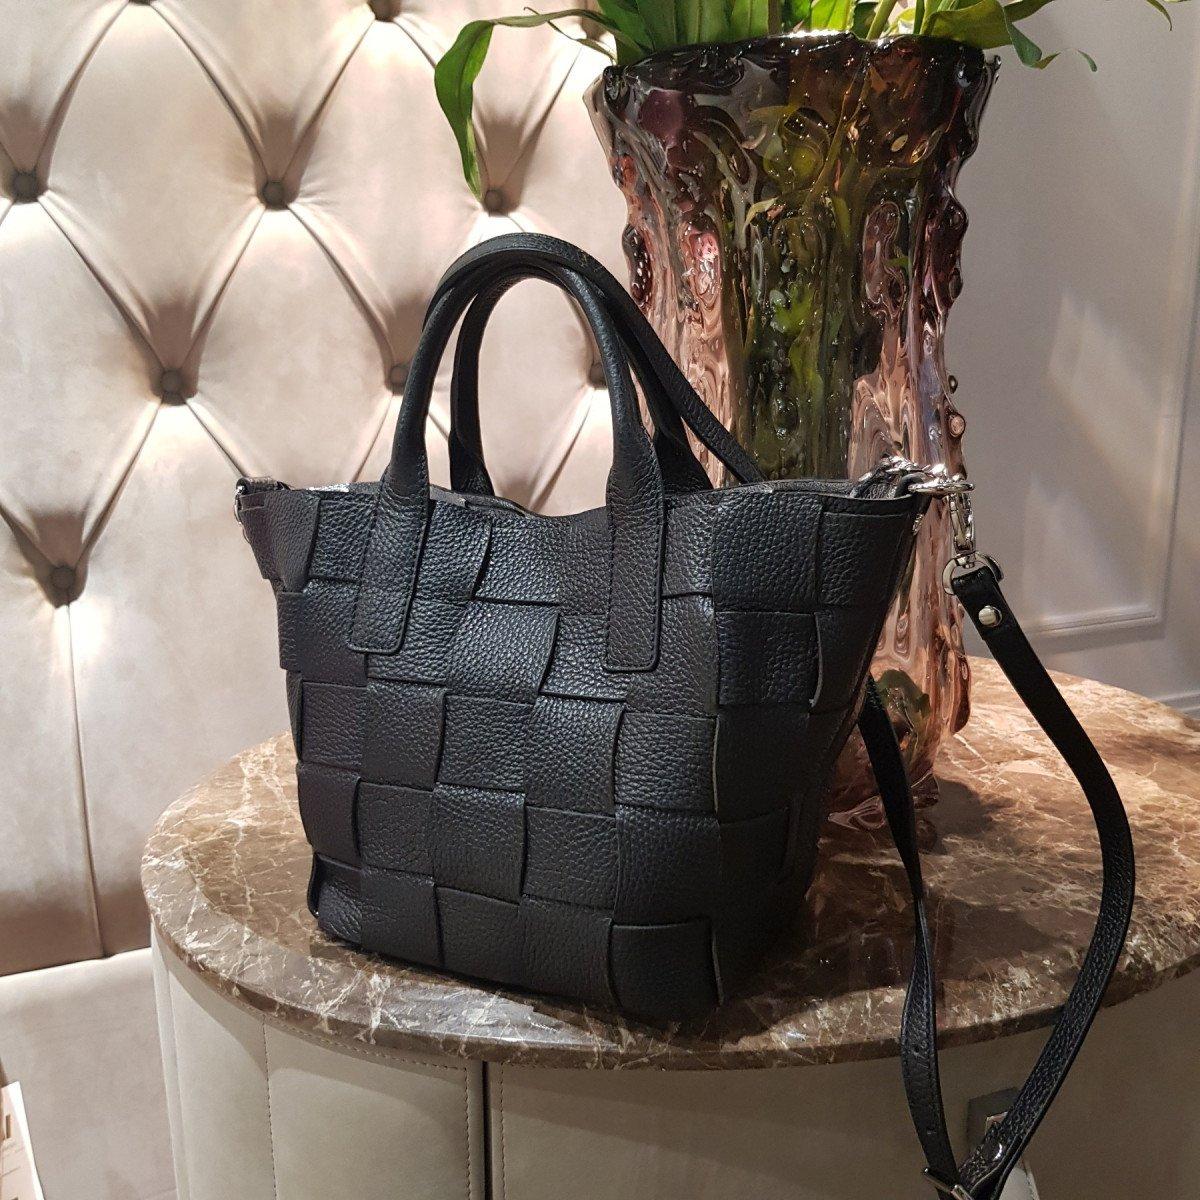 Женская кожаная сумка Ripani 2613OA Nero из натуральной кожи